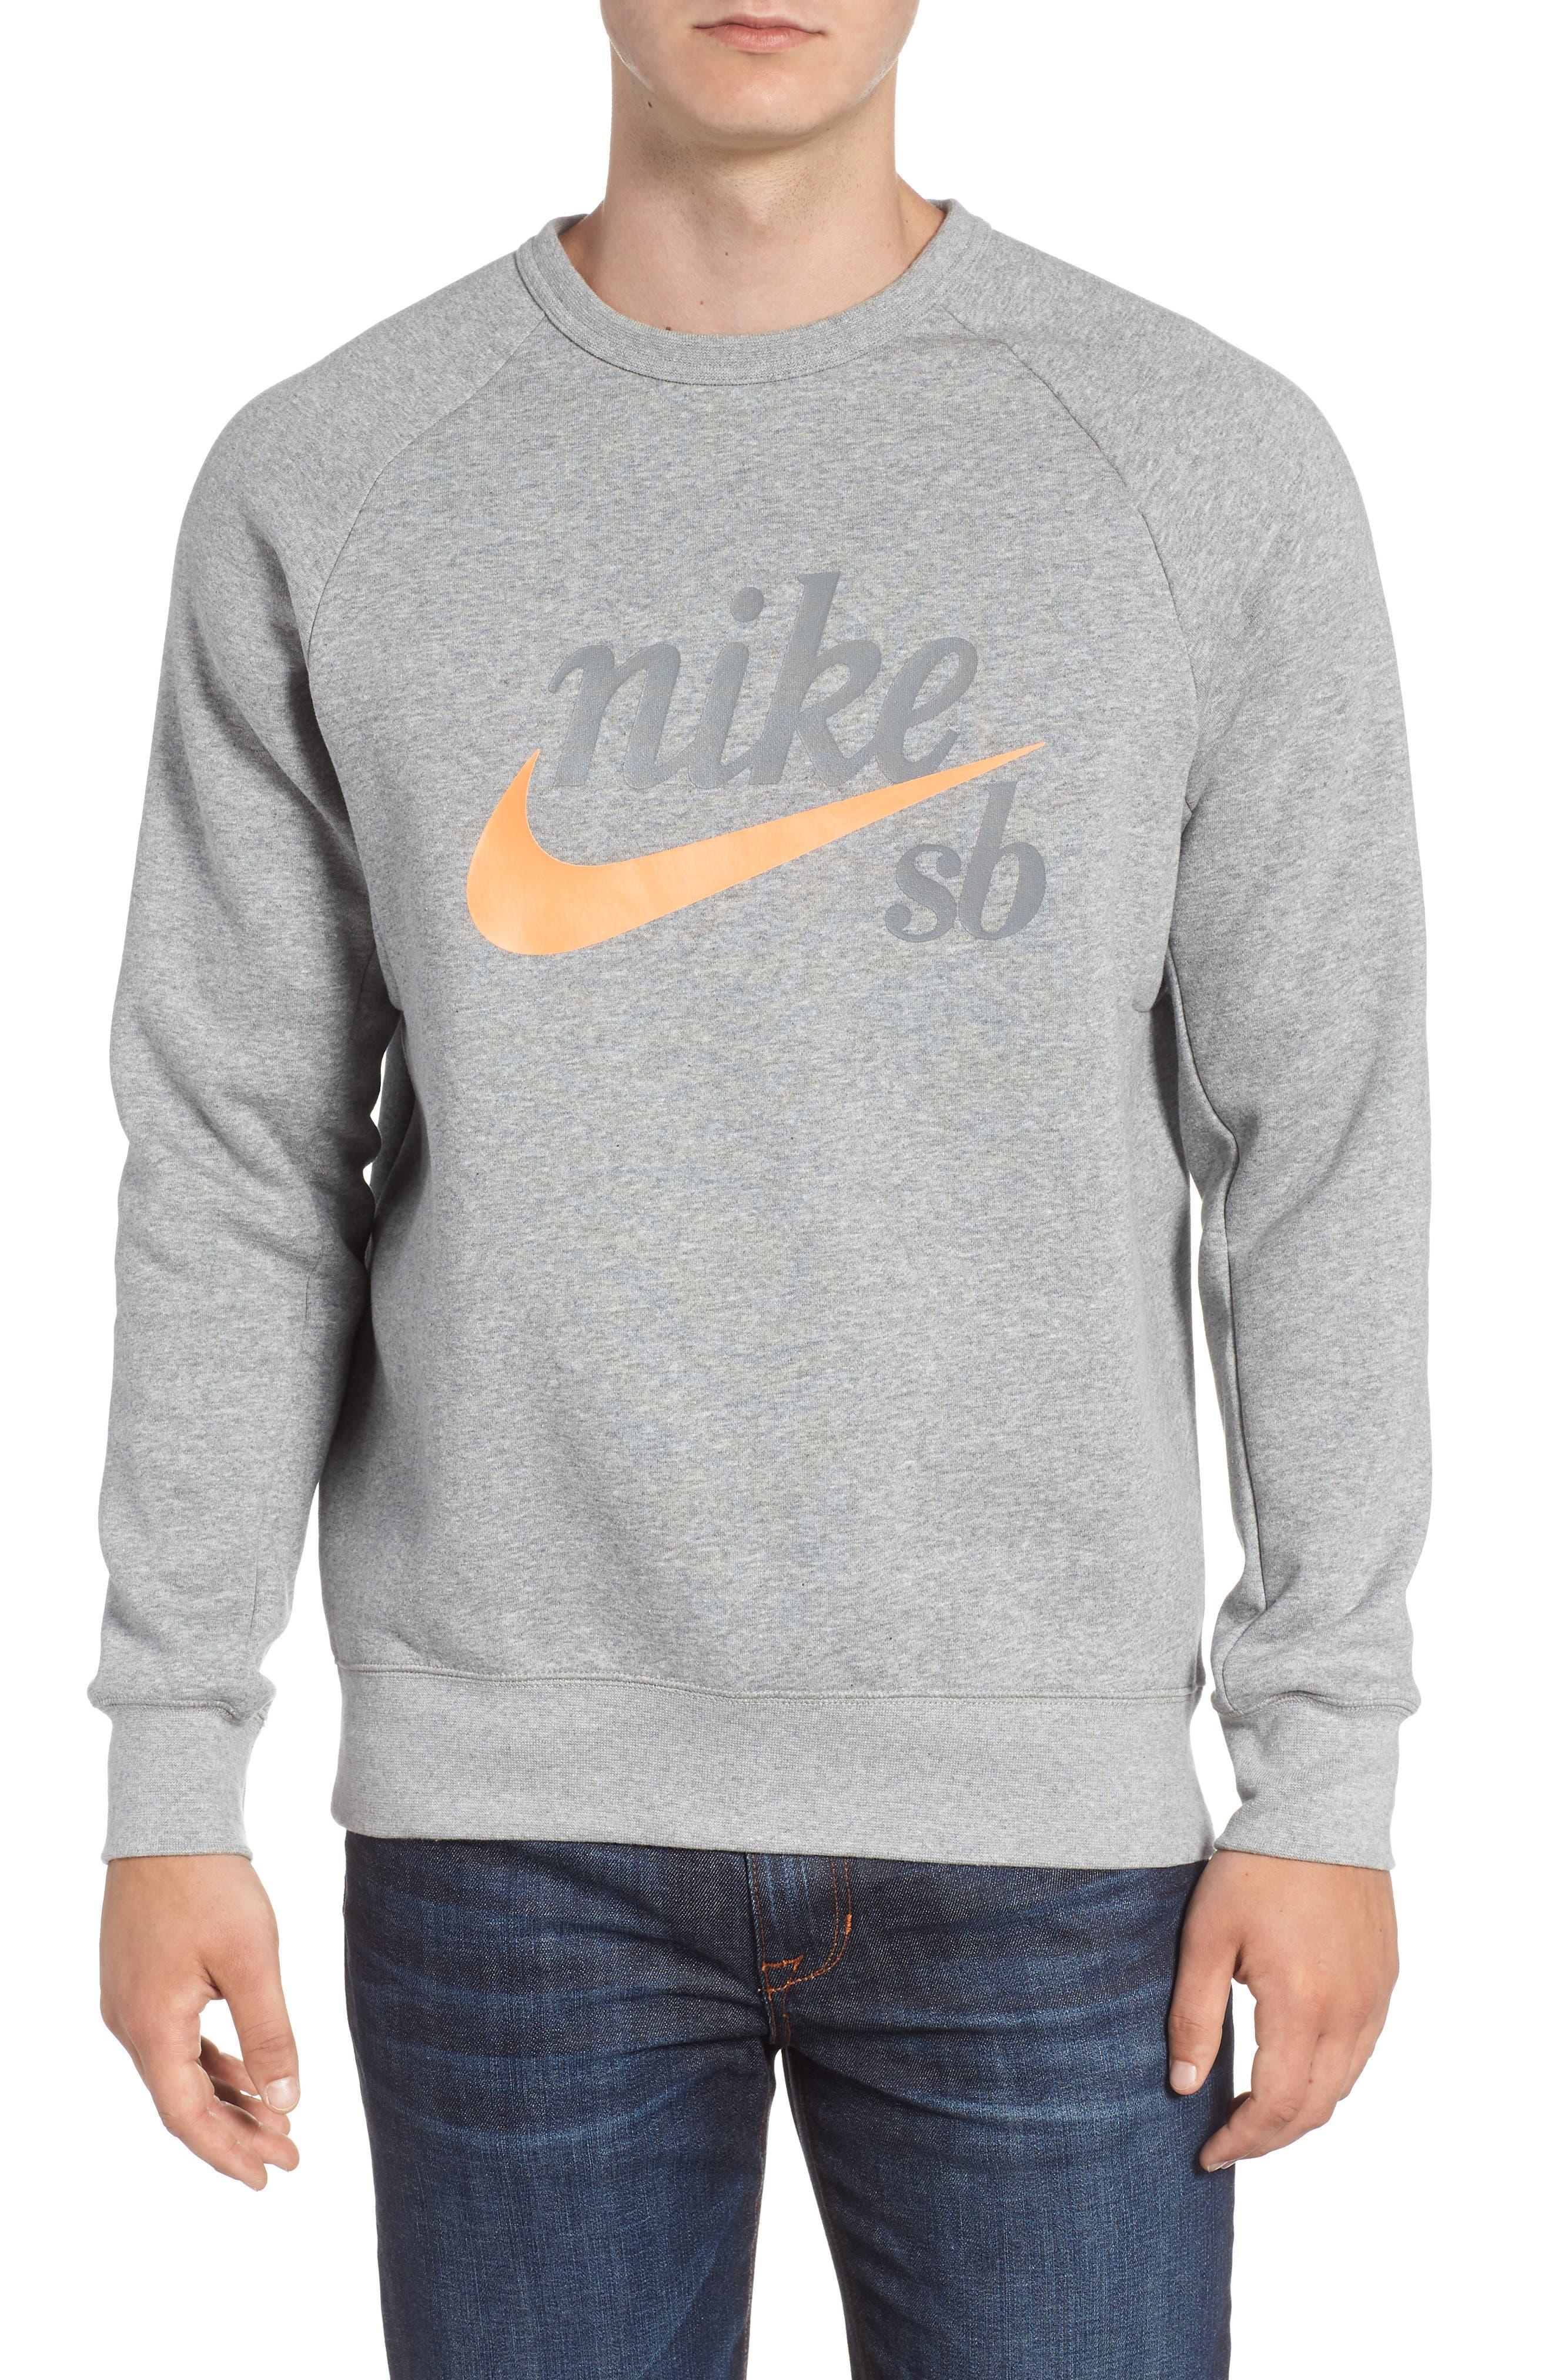 SB Icon Sweatshirt,                         Main,                         color, GREY HEATHER/ LASER ORANGE